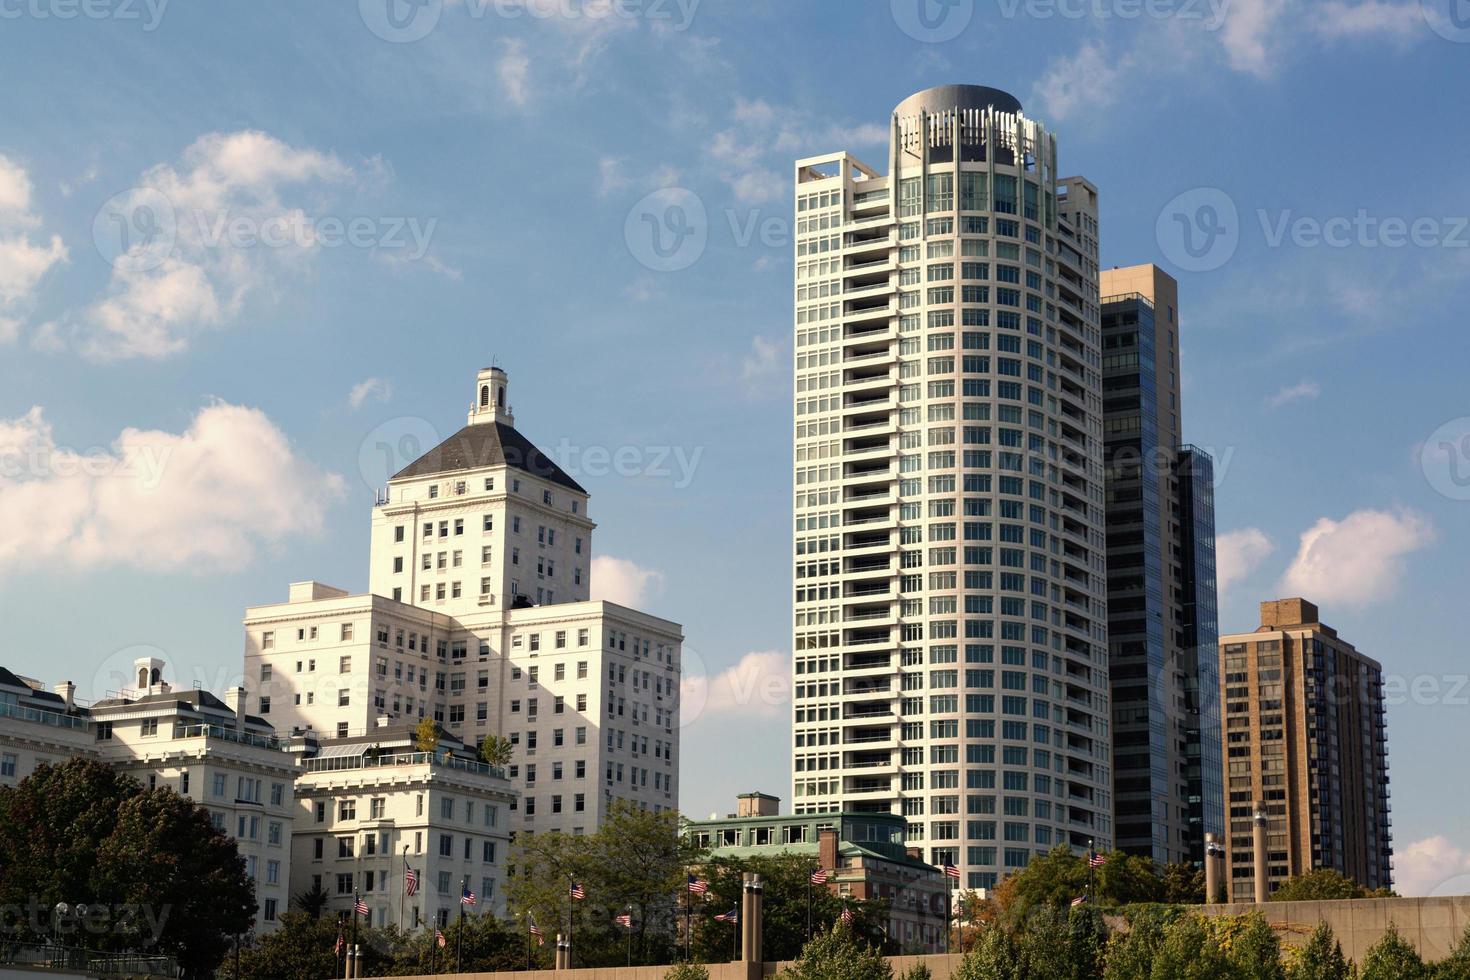 Milwaukee downtown photo